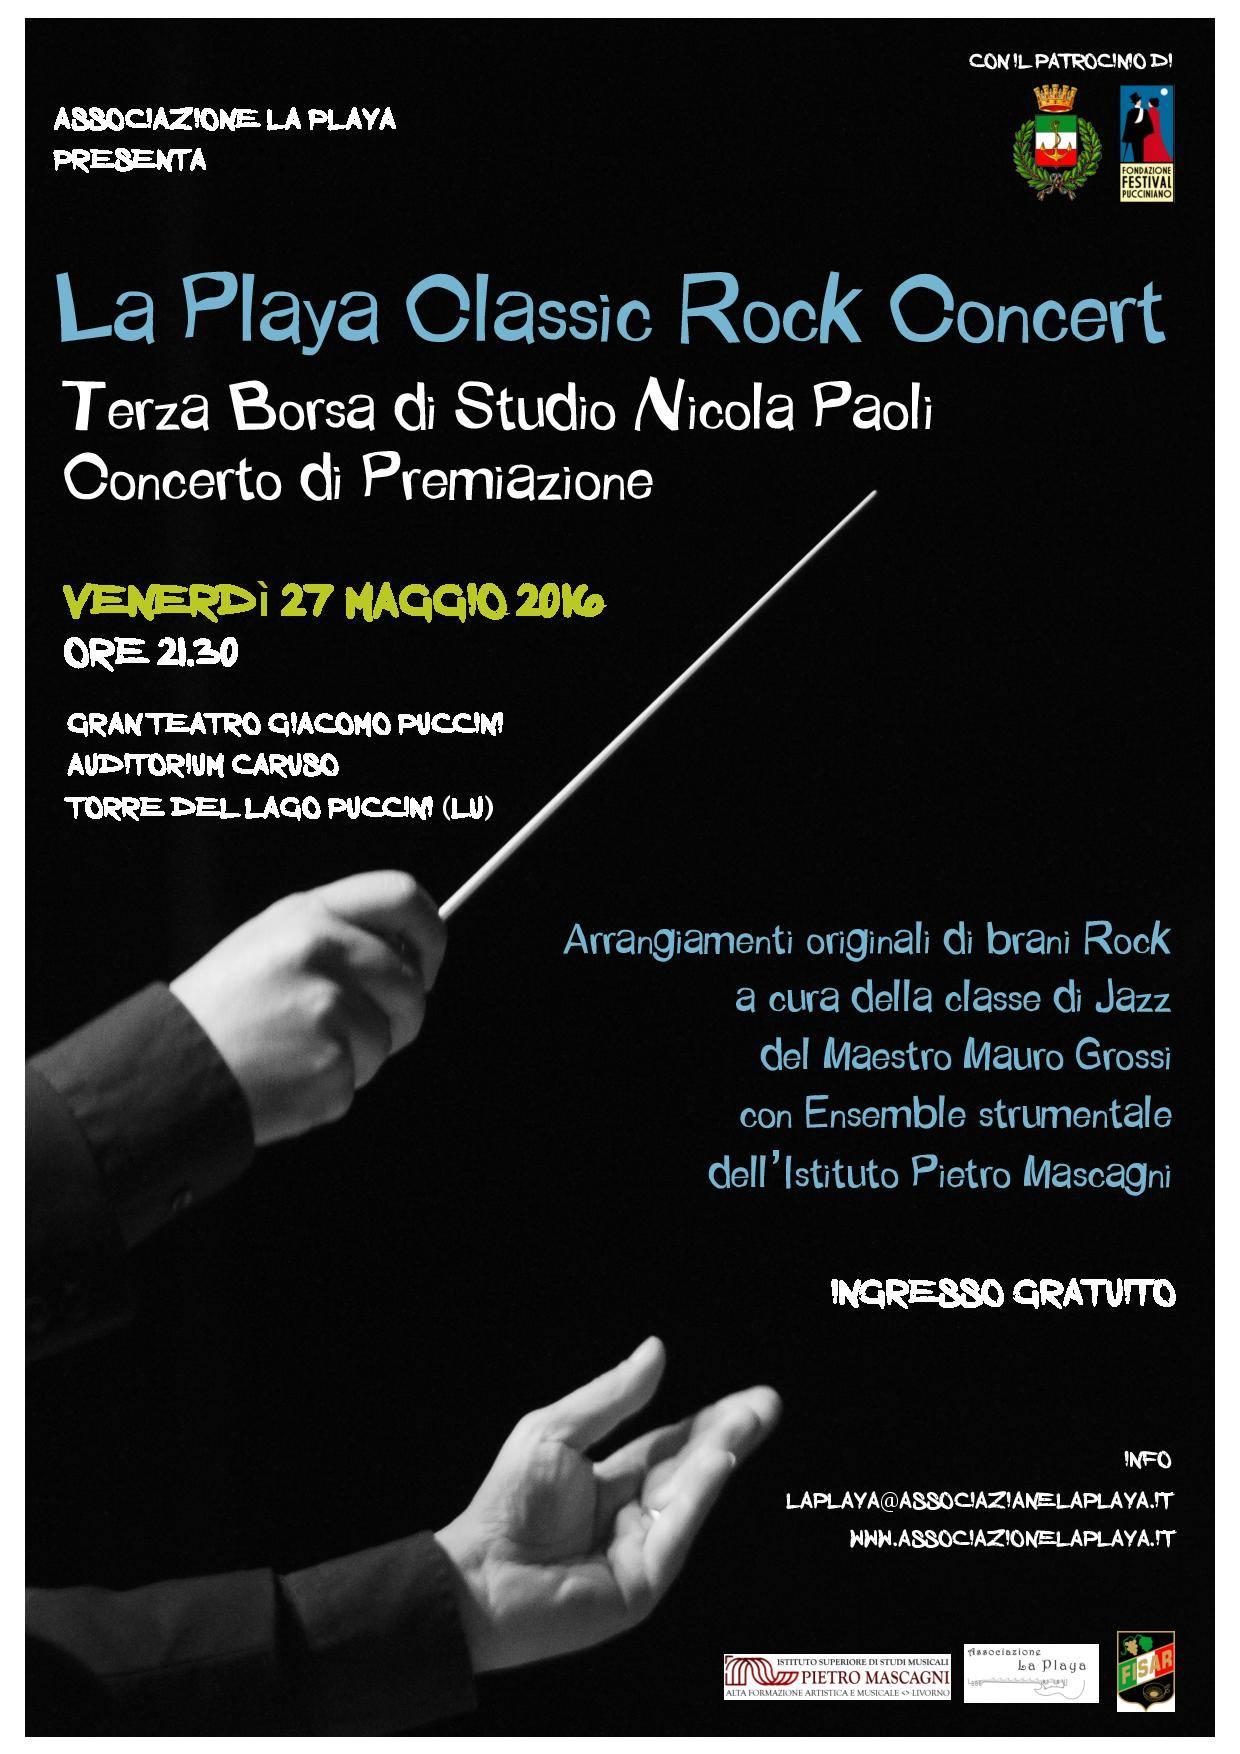 La playa Classic Rock Concert 2016